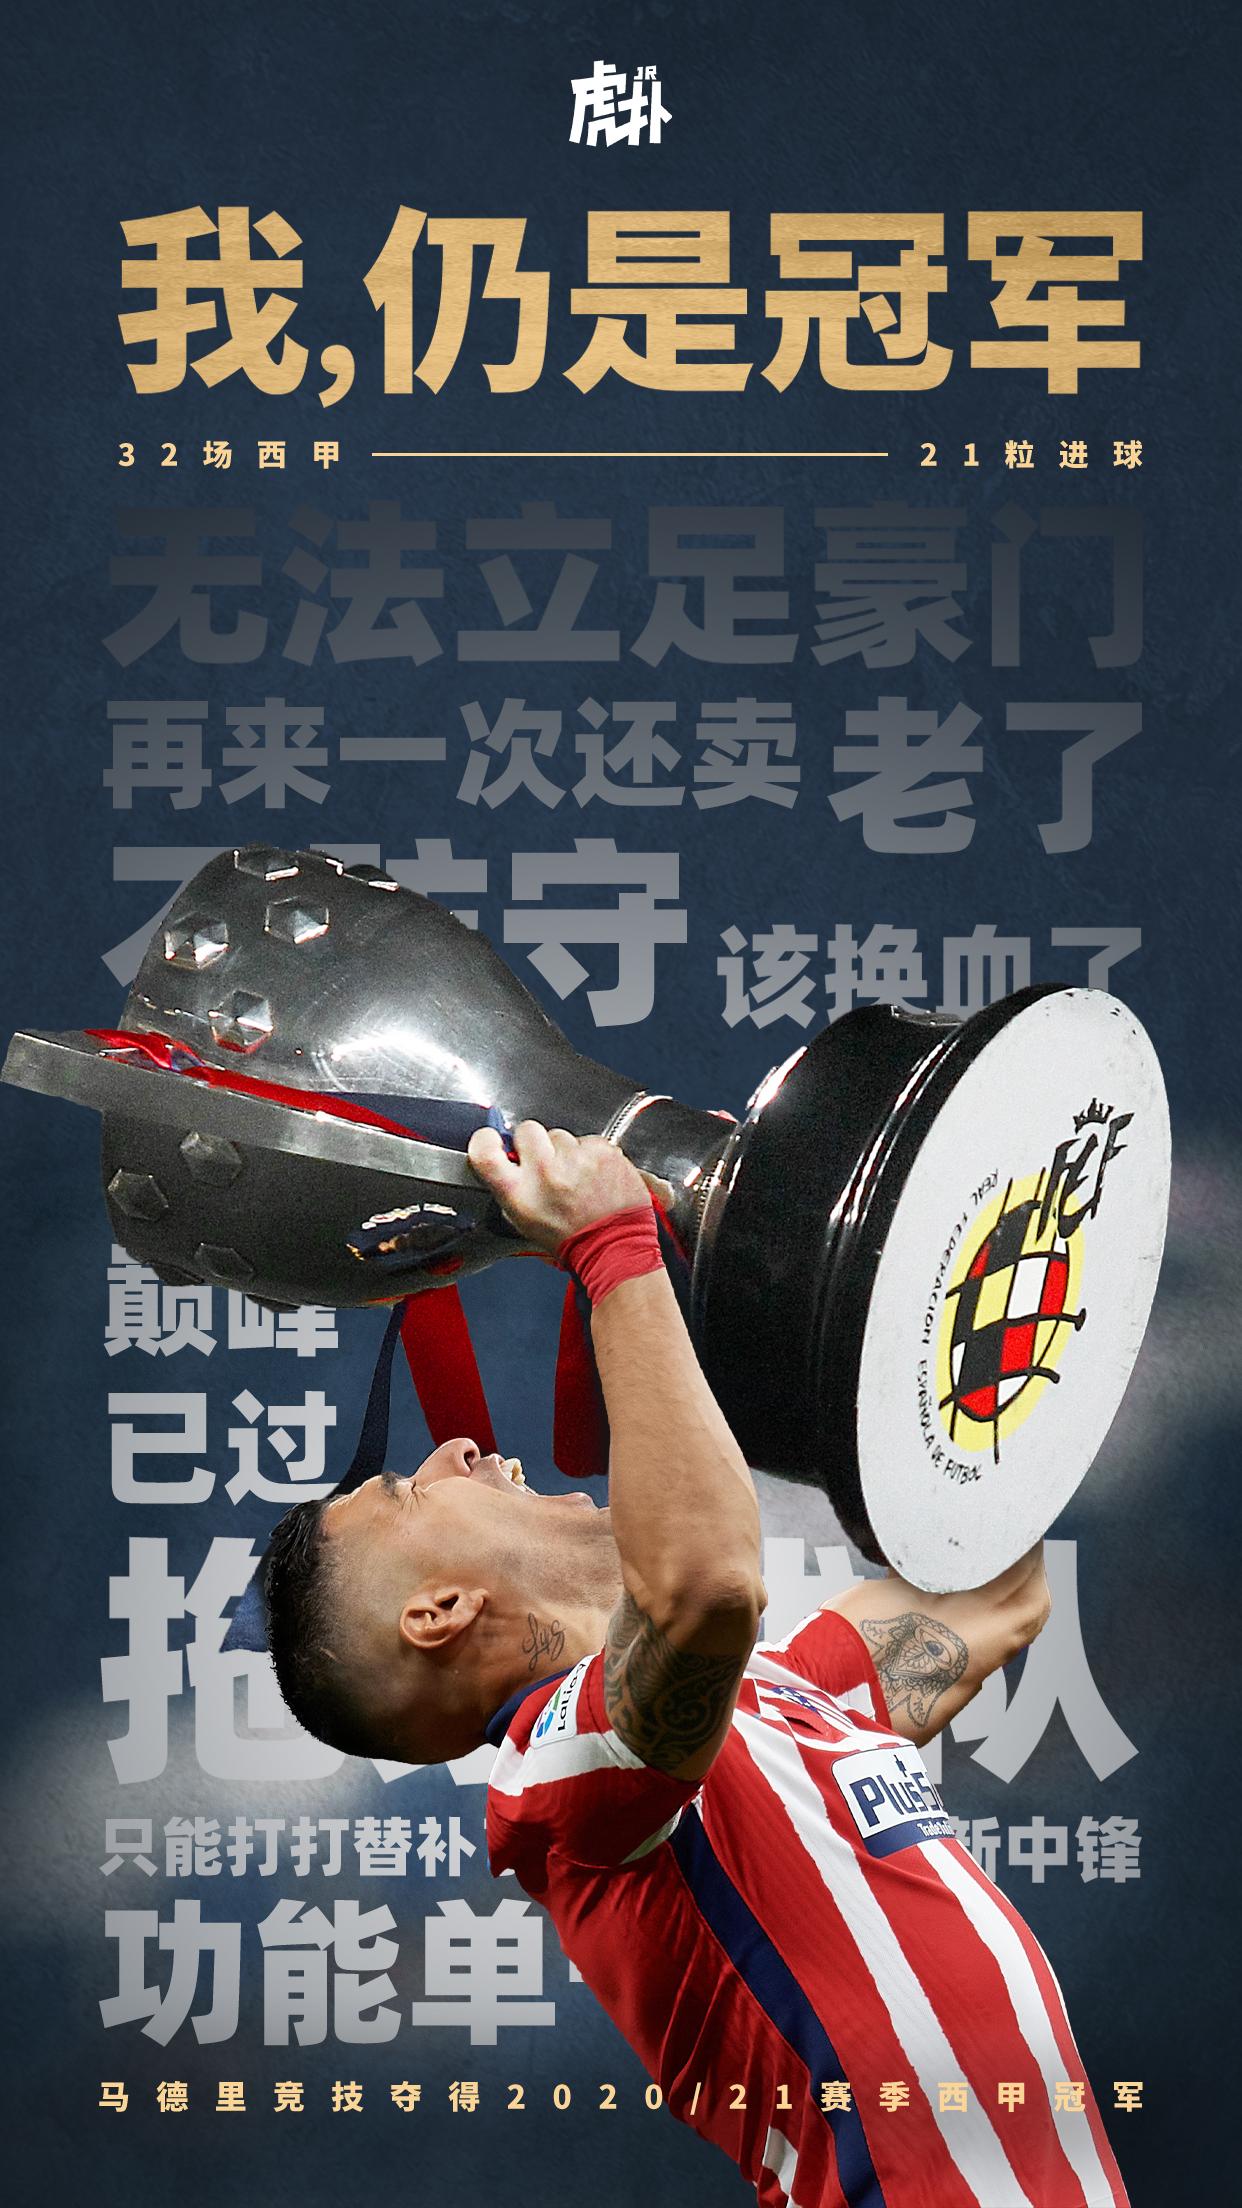 于逆境之中涅槃,恭喜马德里竞技时隔7年重回西甲之巅!